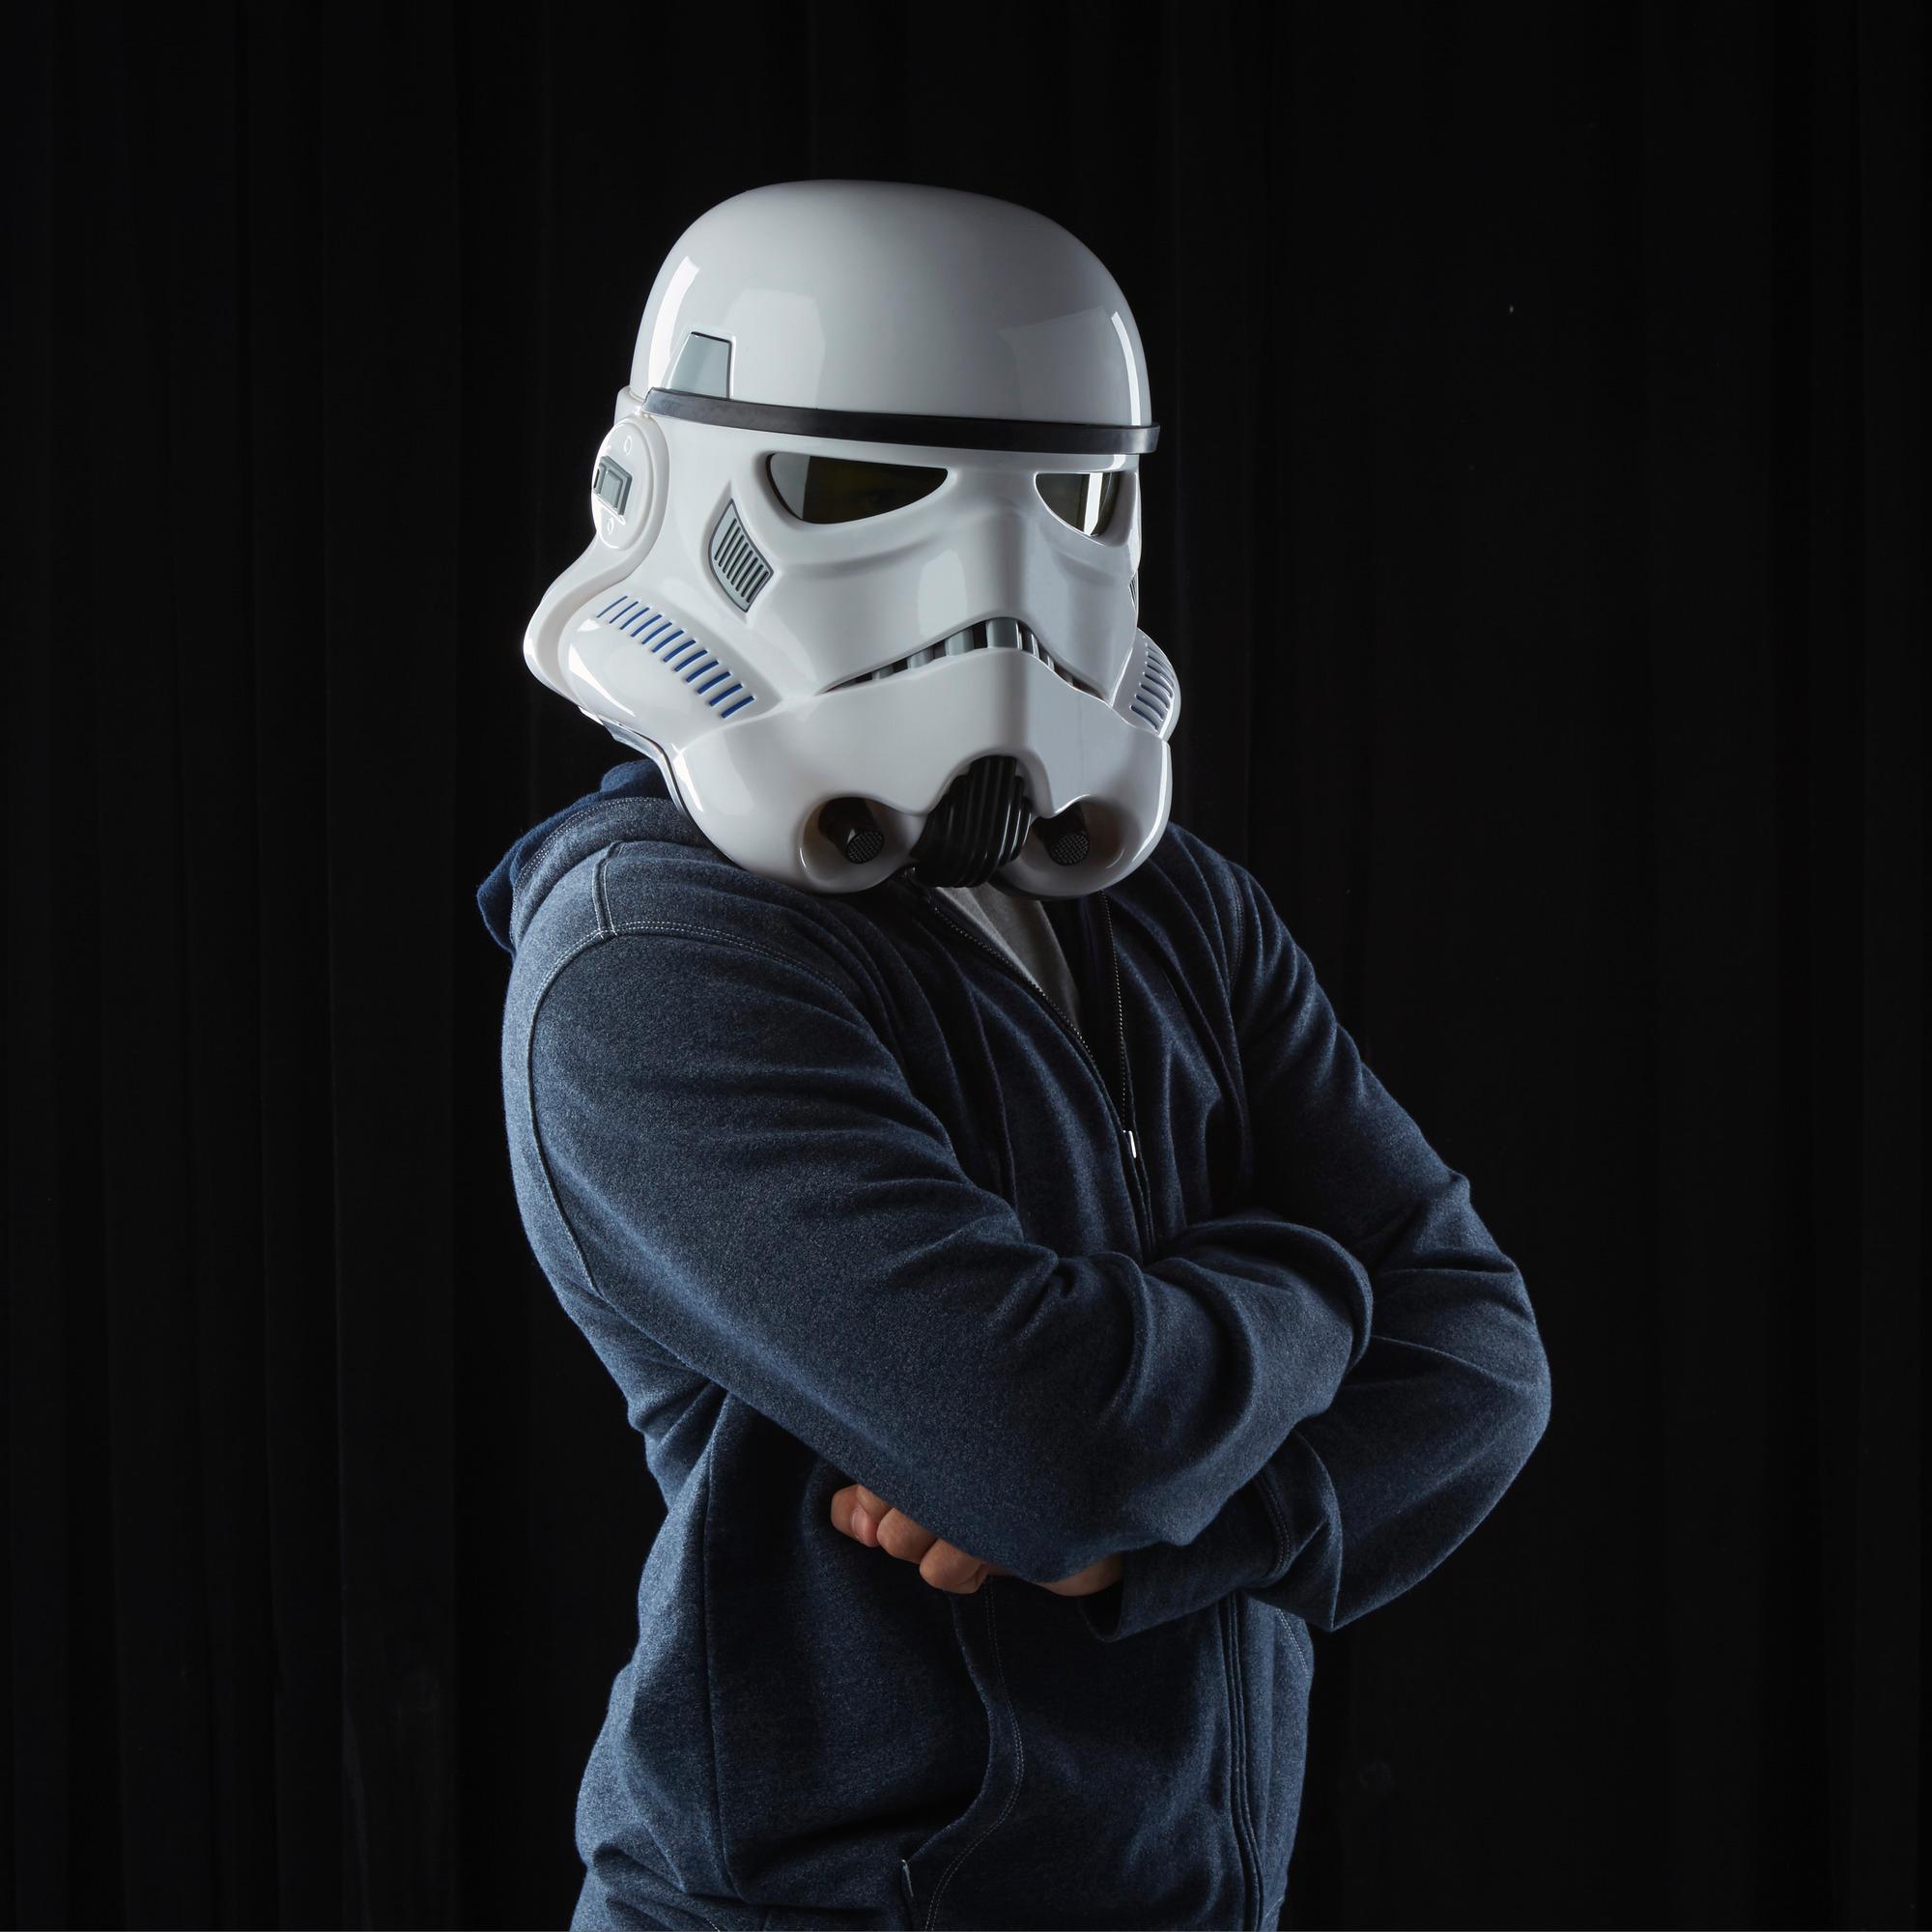 Star Wars R1 Imperial Stormtrooper Vc Helmet